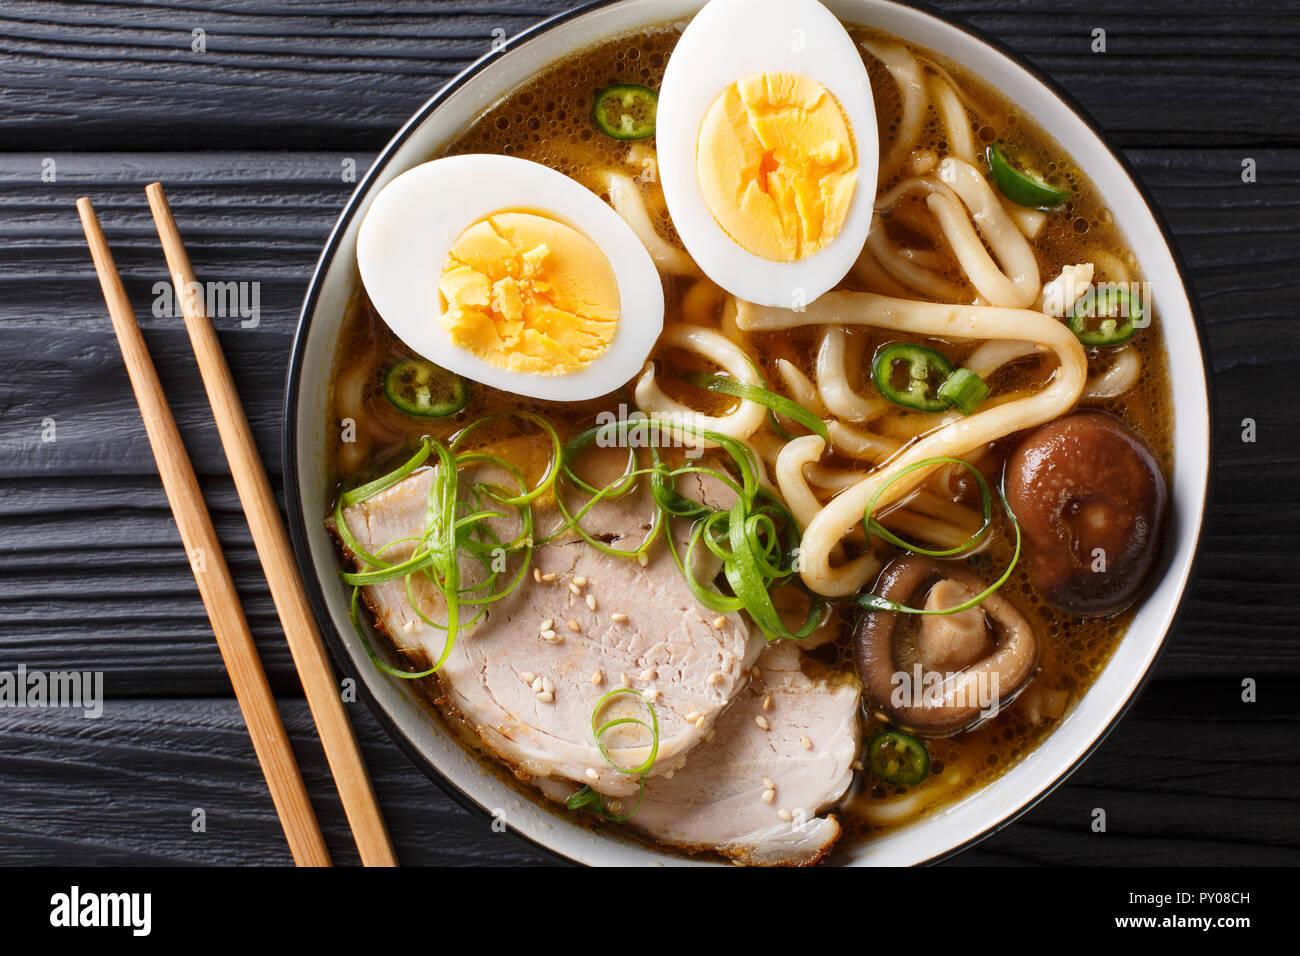 Soupe de nouilles Udon épicé, porc, œufs durs, oignons et champignons shiitake close-up dans un bol sur la table. haut horizontale Vue de dessus Photo Stock